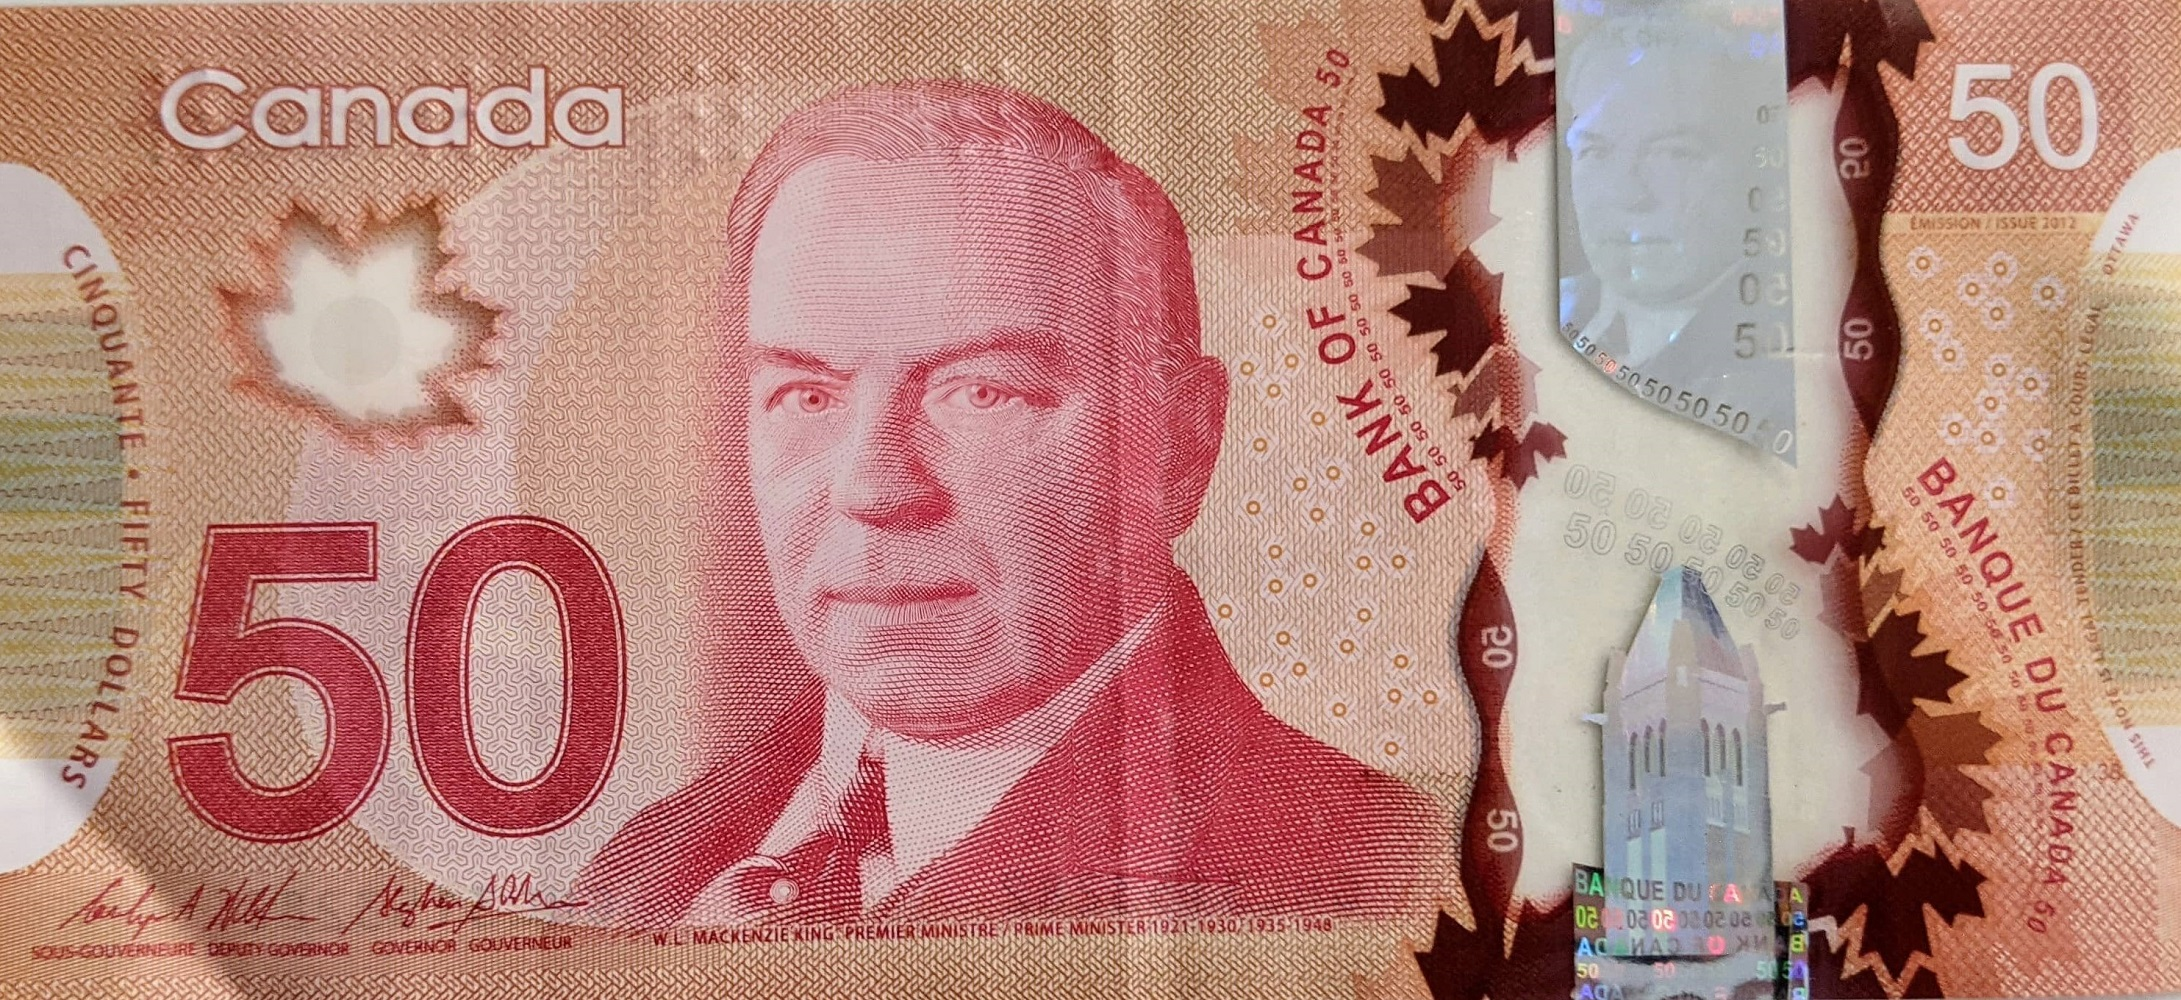 Canadian fifty dollar bill